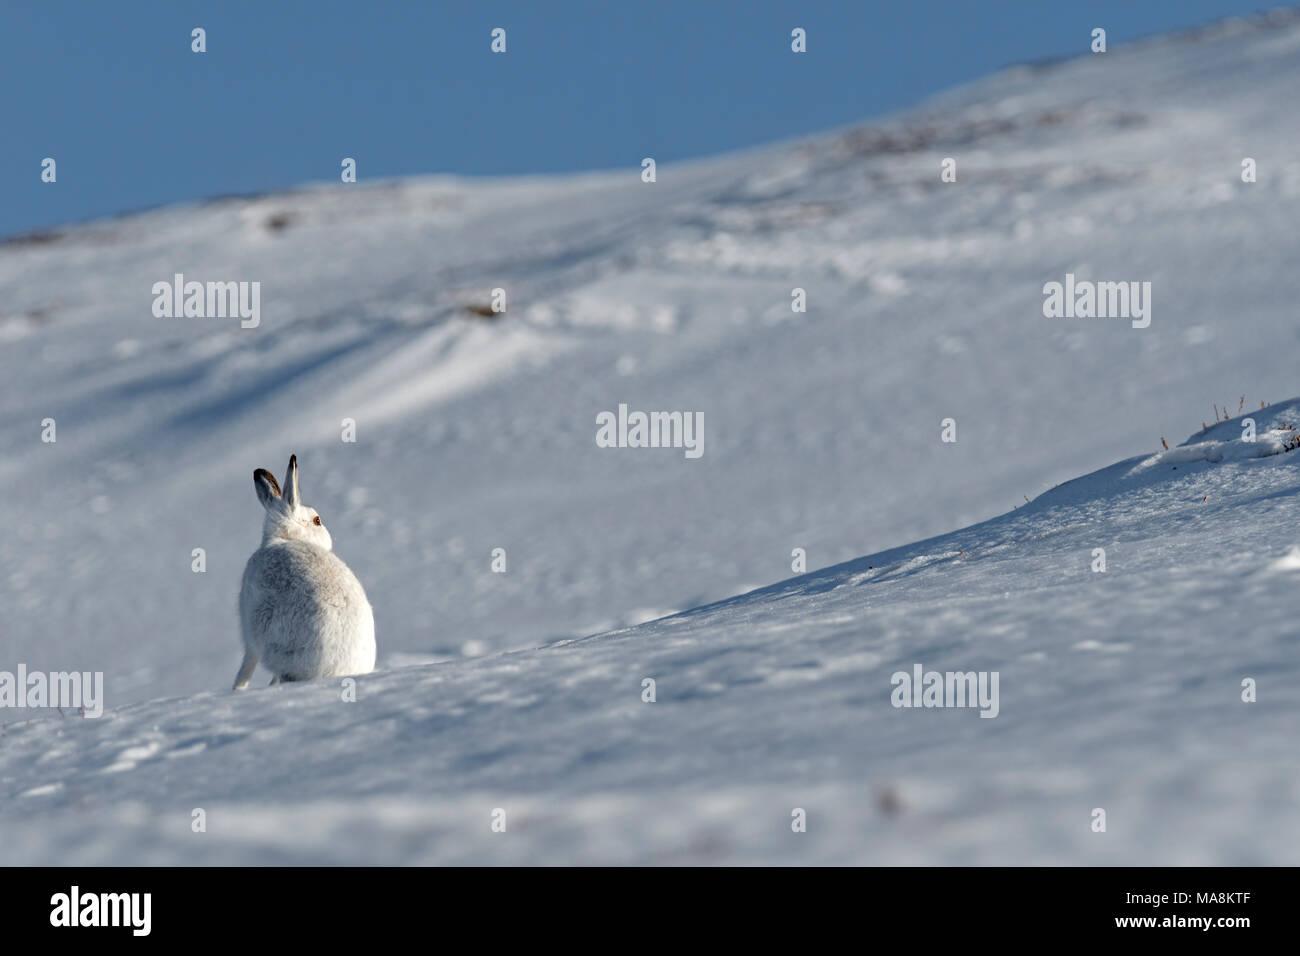 Amplio ángulo de visión de una montaña de la liebre (Lepus timidus) sentados en laderas cubiertas de nieve en las Highlands escocesas, marzo de 2018 Foto de stock